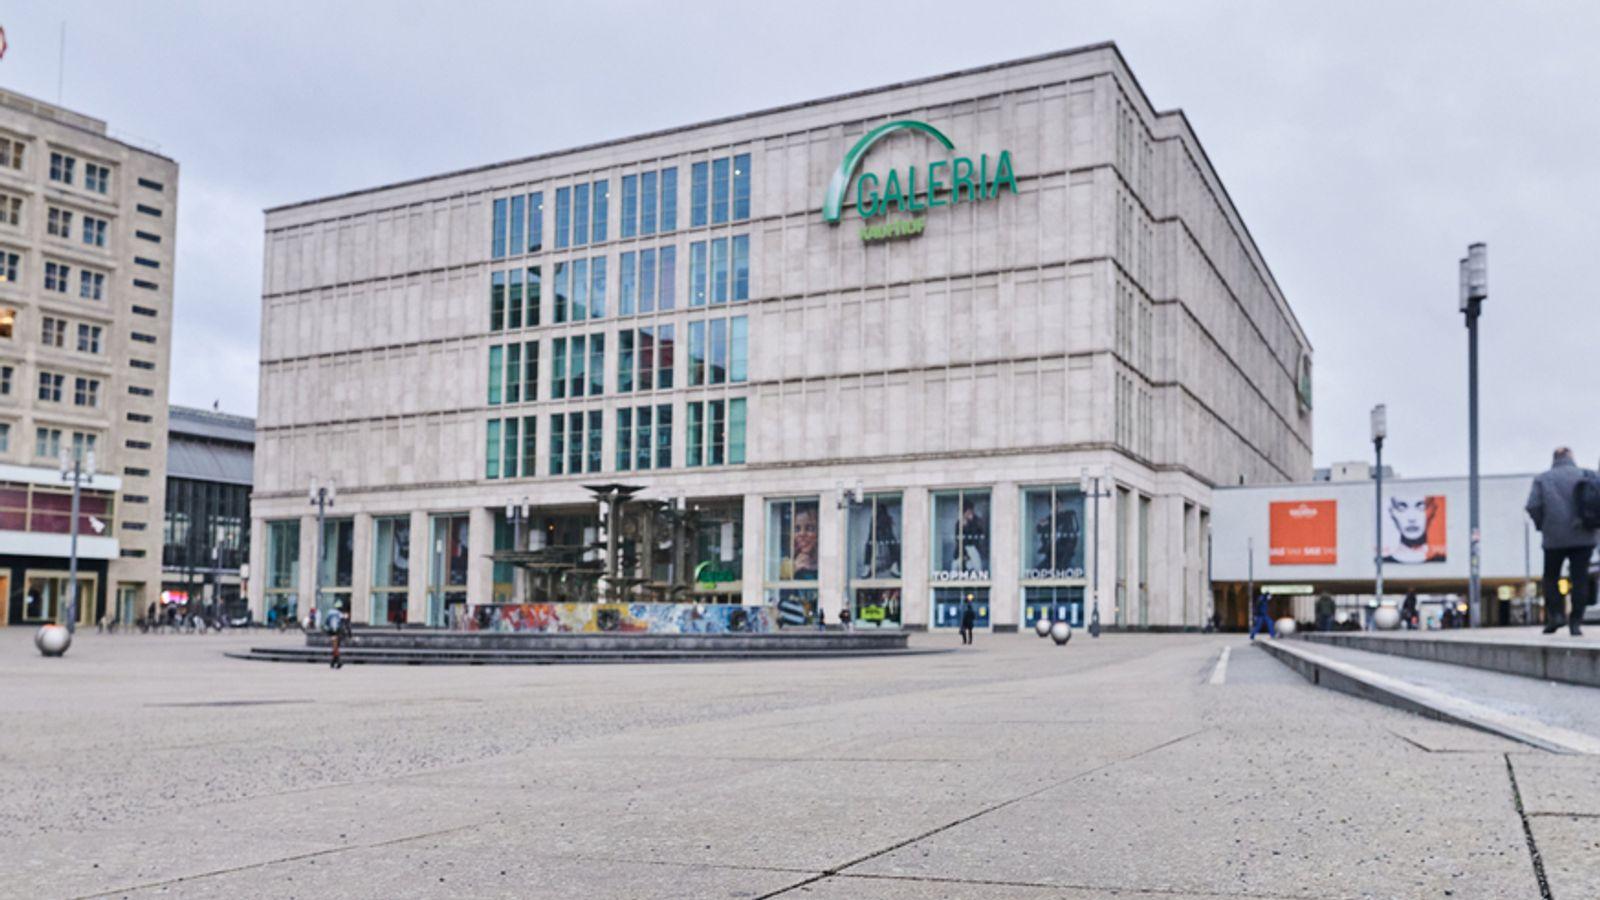 Bund stützt Galeria Karstadt Kaufhof mit halber Milliarde...